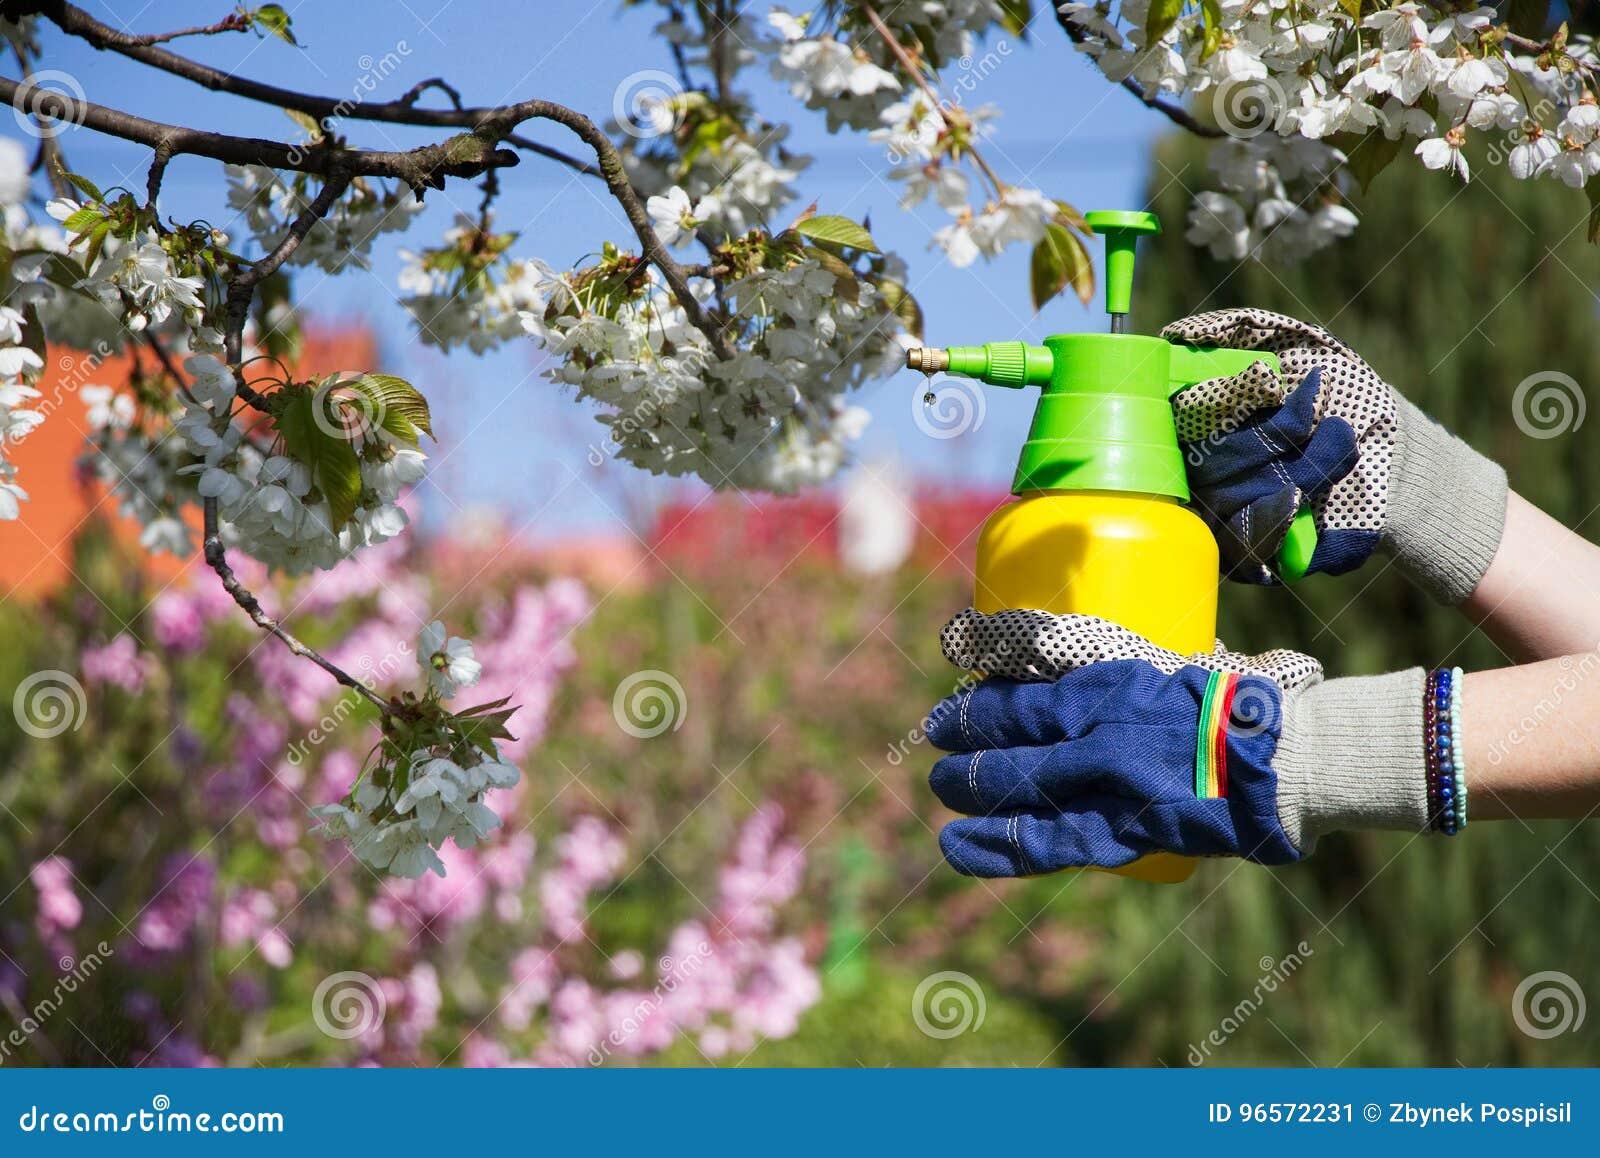 Använd handsprejaren med bekämpningsmedel i trädgården